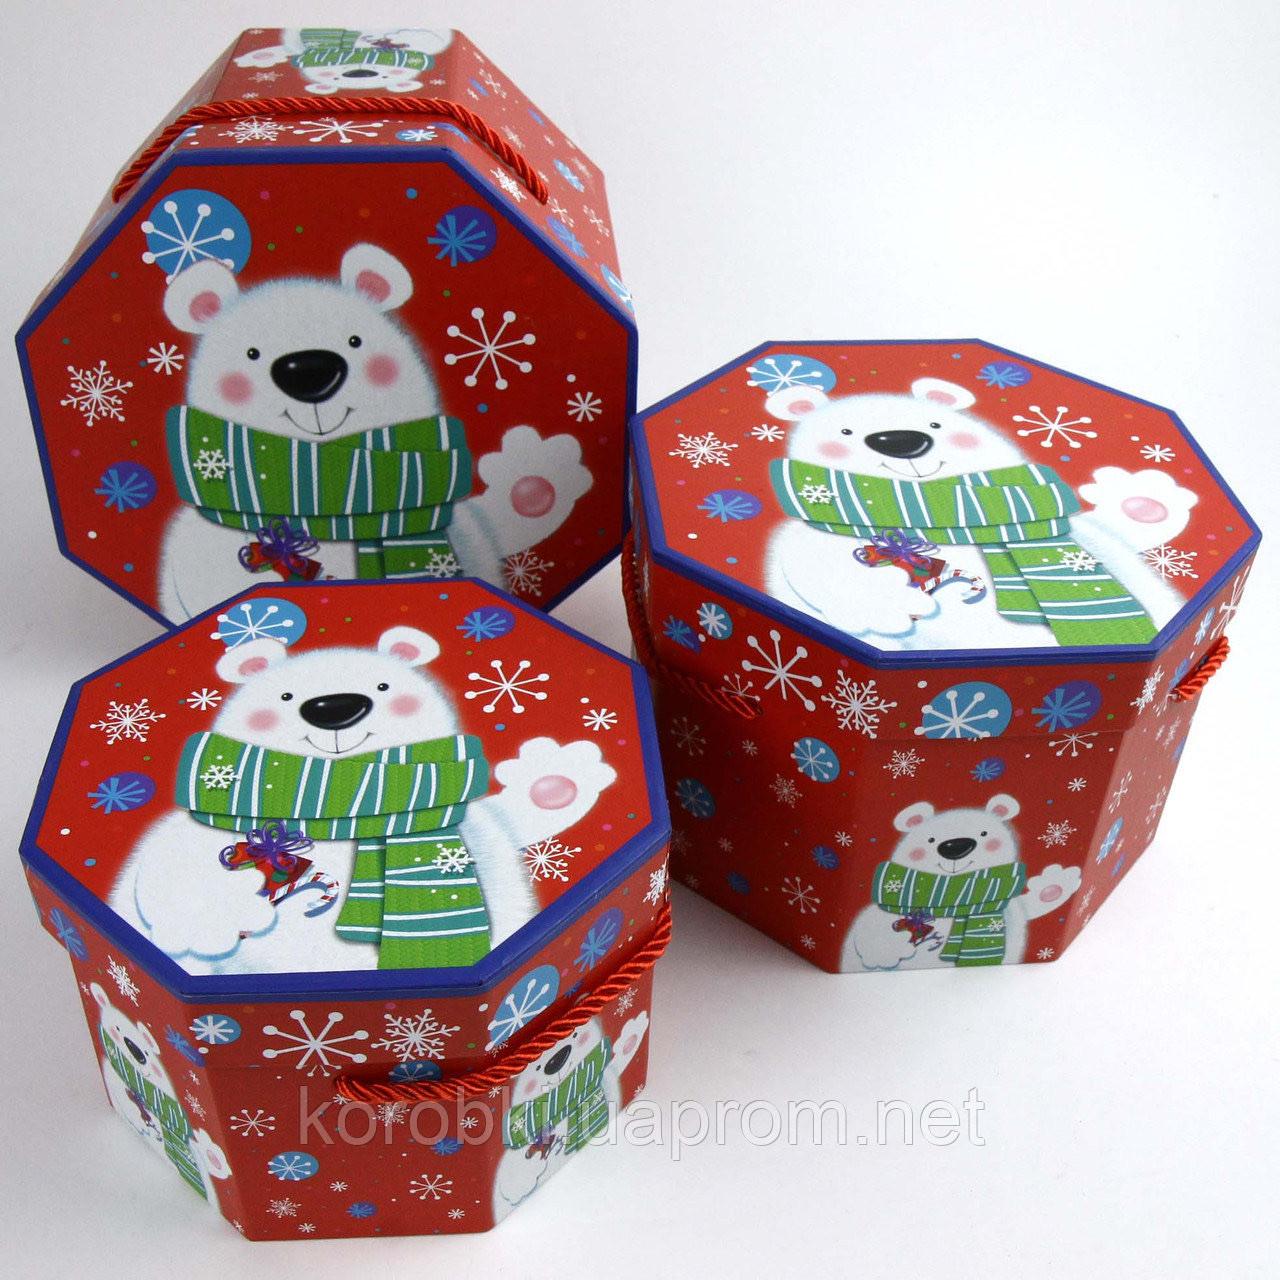 """Коробка подарункова восьмикутна """"Новорічна, Ведмедик"""" №2 198, Коробка новогодняя подарочная """"Мишка"""""""